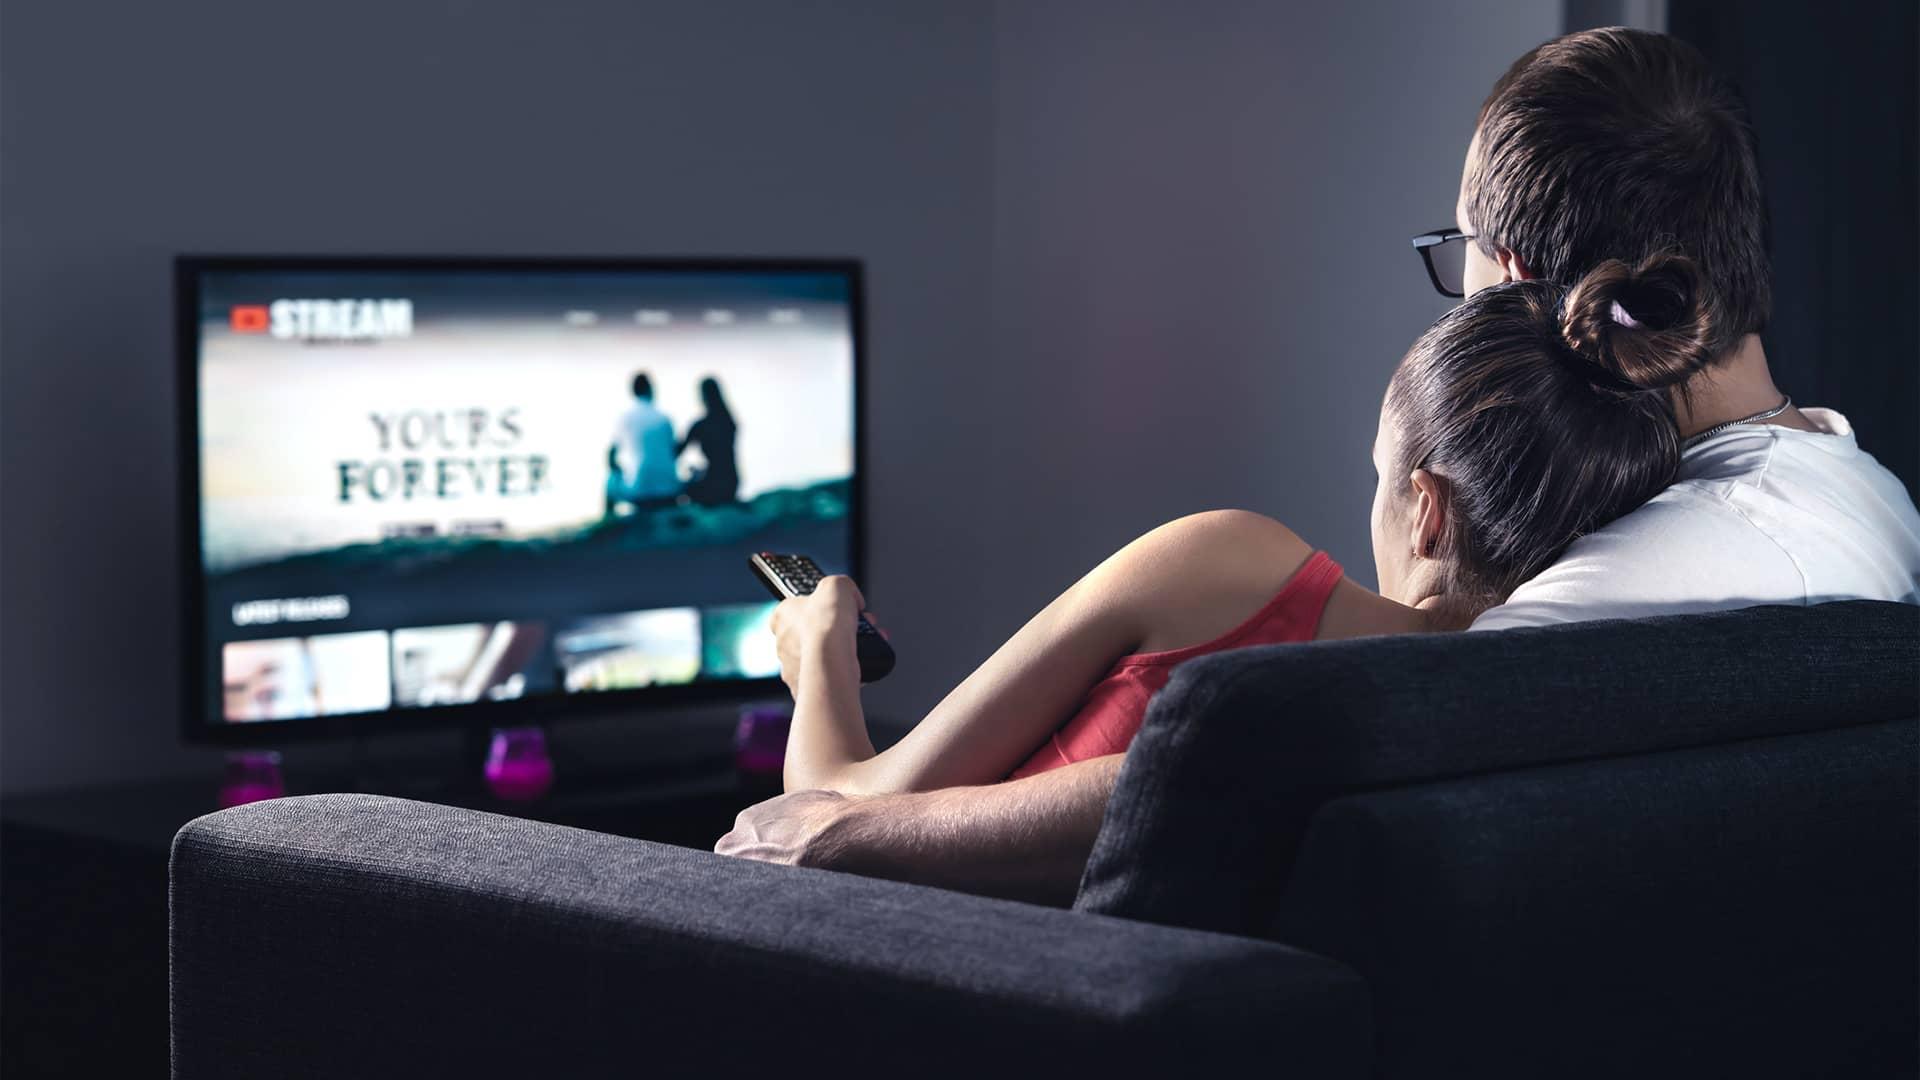 Serielovers Vodafone con HBO y Amazon Prime